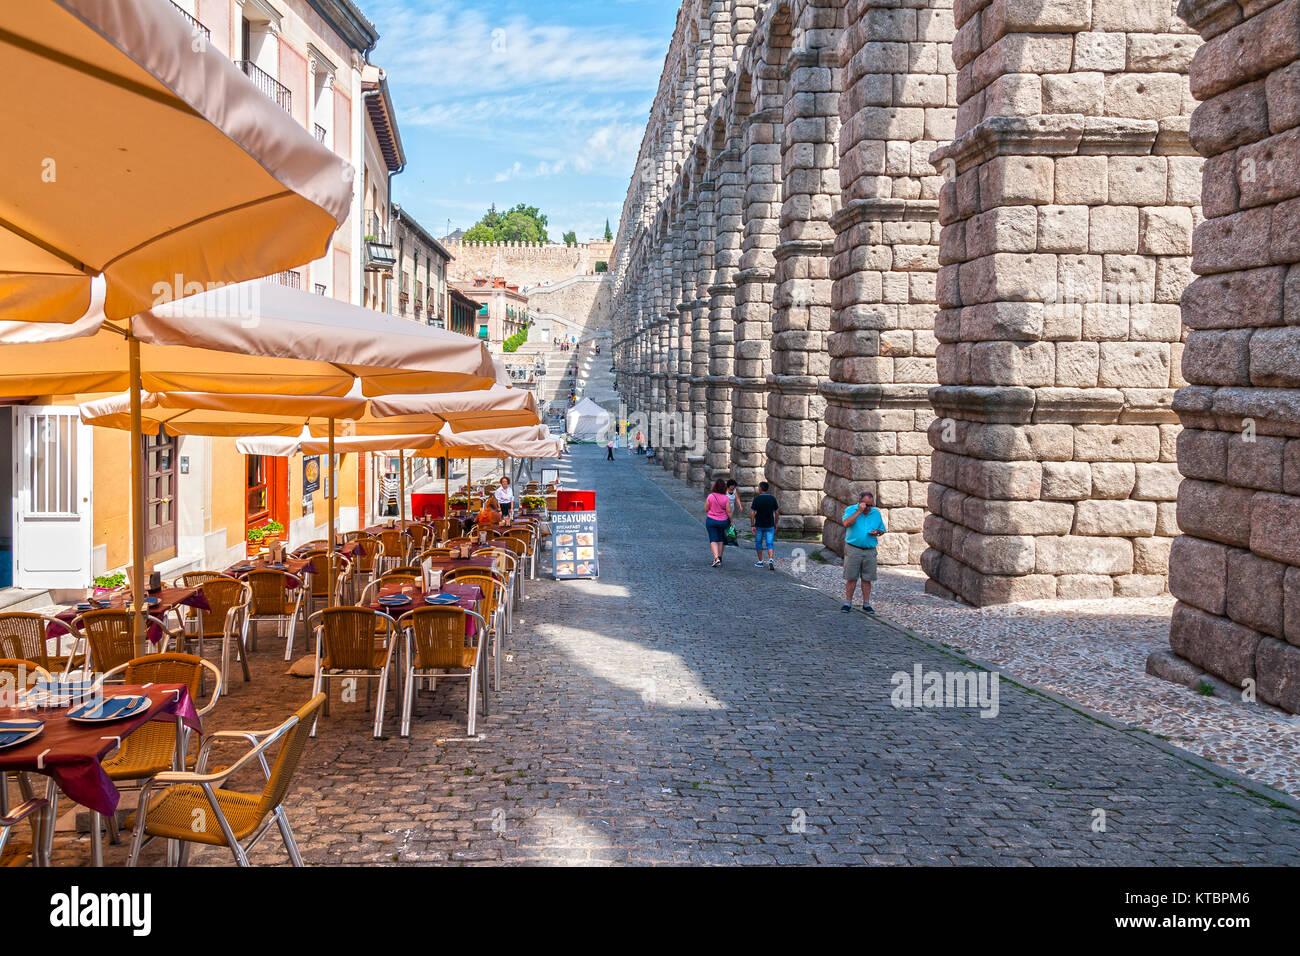 Acueducto romano de Segovia. Castilla León. España. Ciudad patrimonio de la humanidad. Unesco. - Stock Image